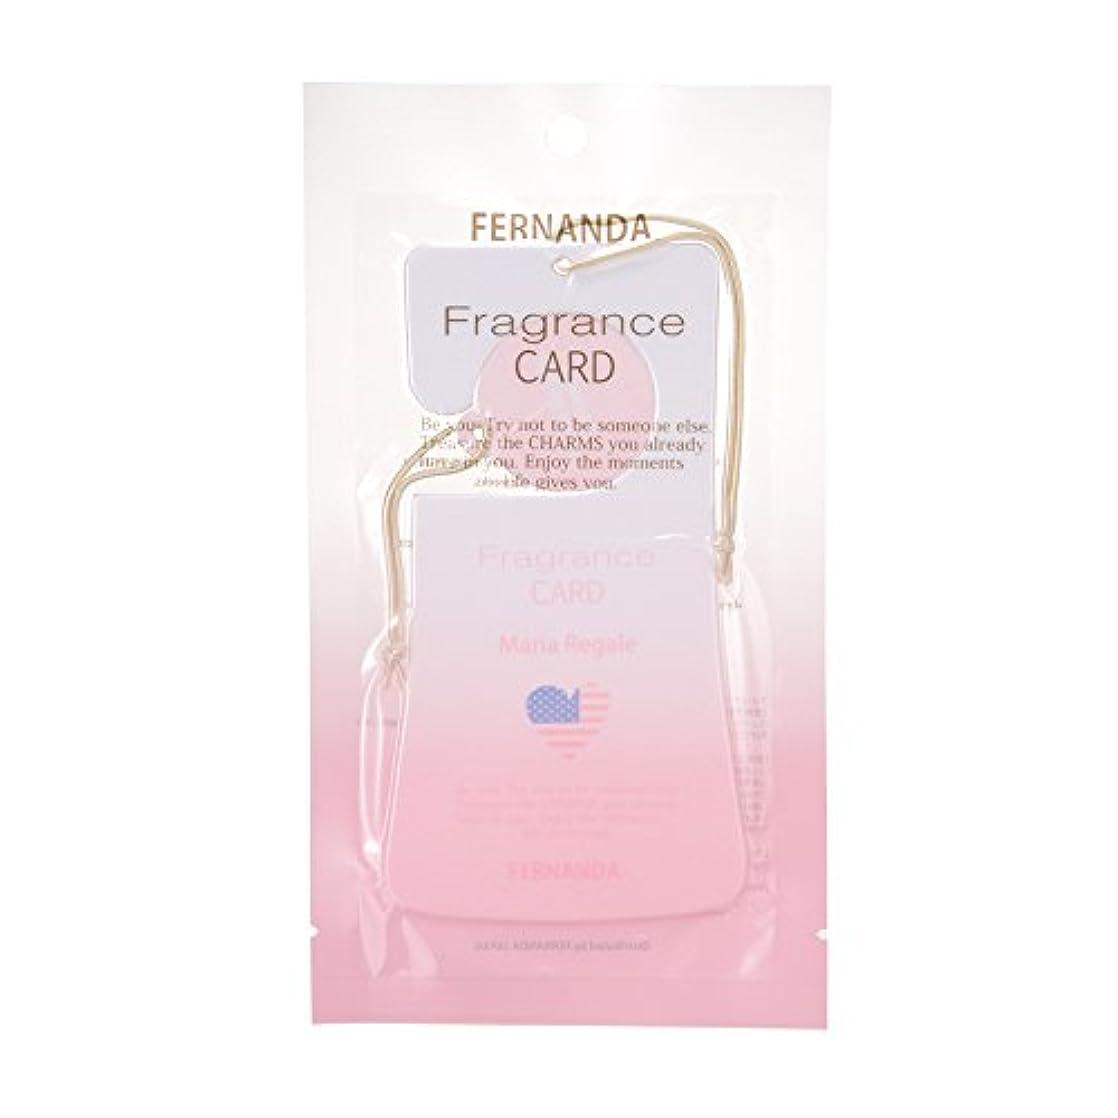 気取らない偽バケットFERNANDA(フェルナンダ) Fragrance Card Maria Regale (フレグランスカード マリアリゲル)